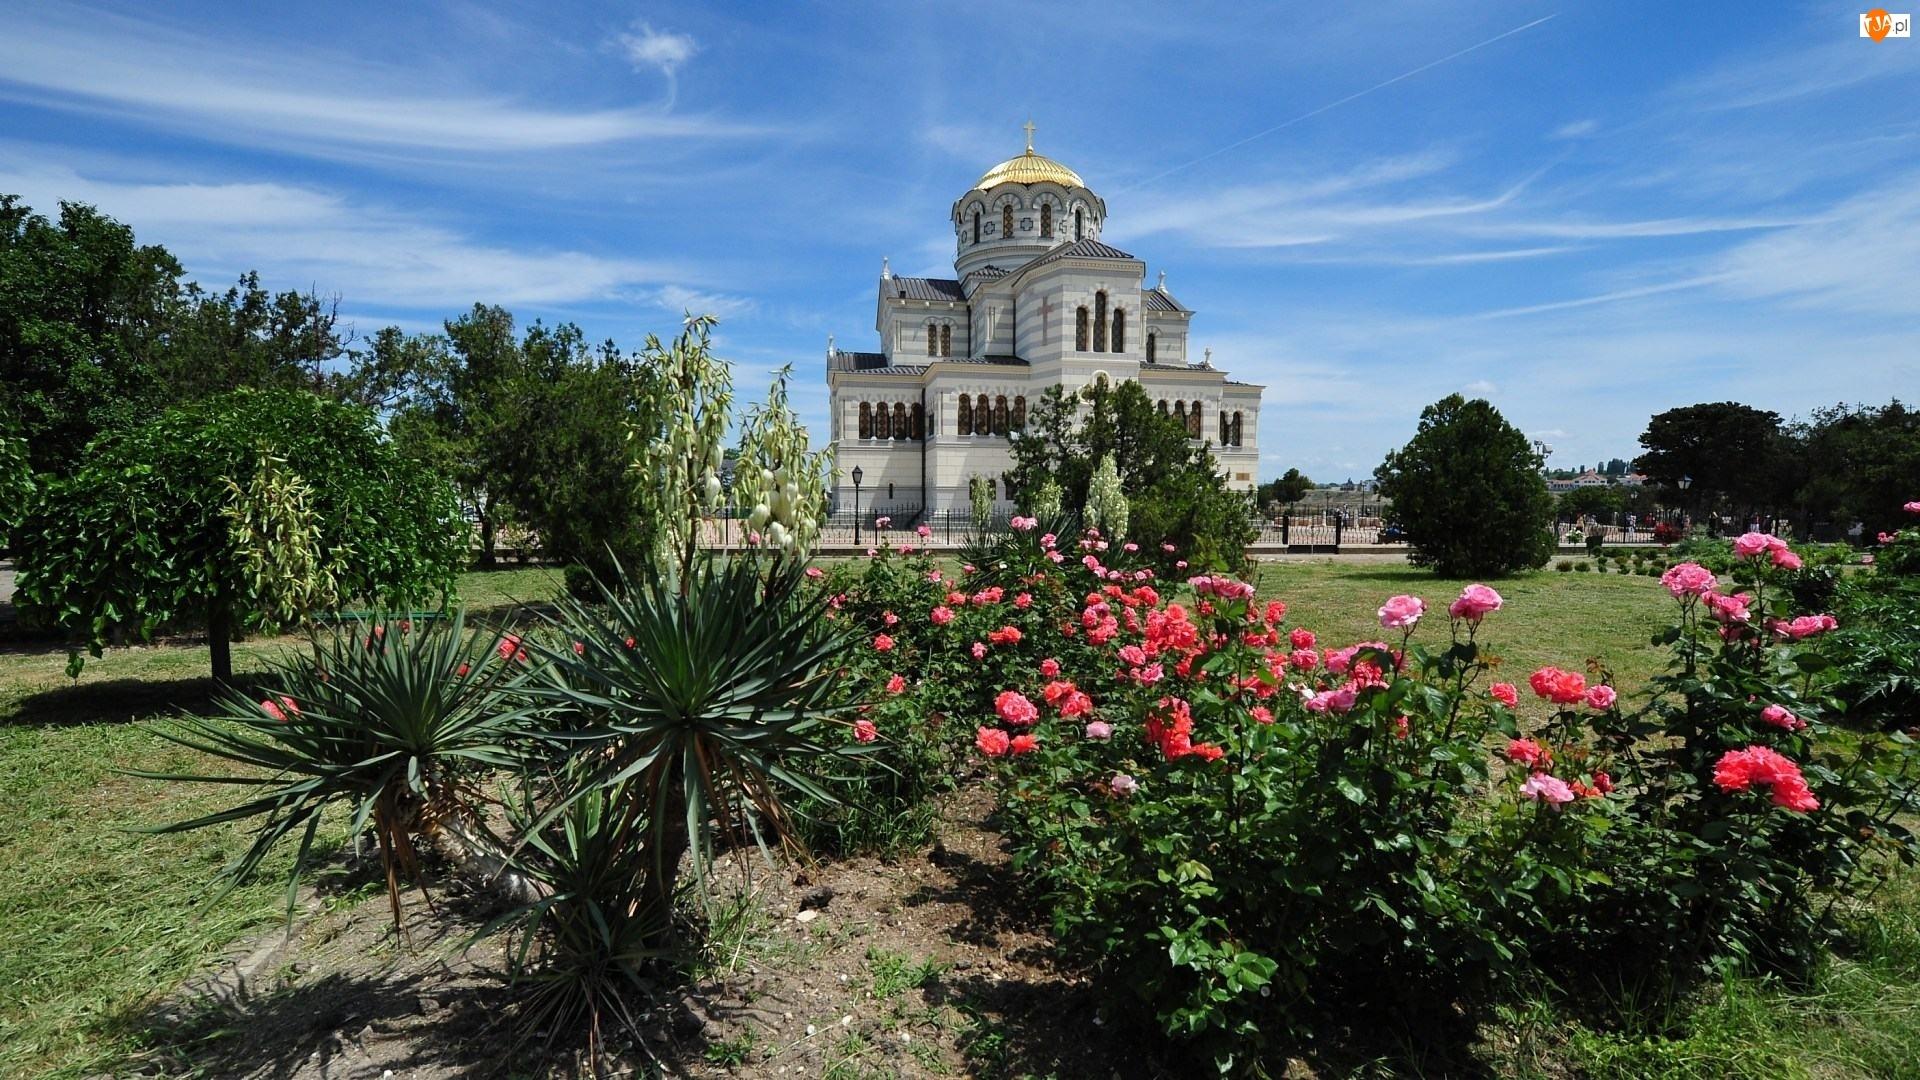 Ogród, Drzewa, Ukraina, Krzewy, Cerkiew, Kwiaty